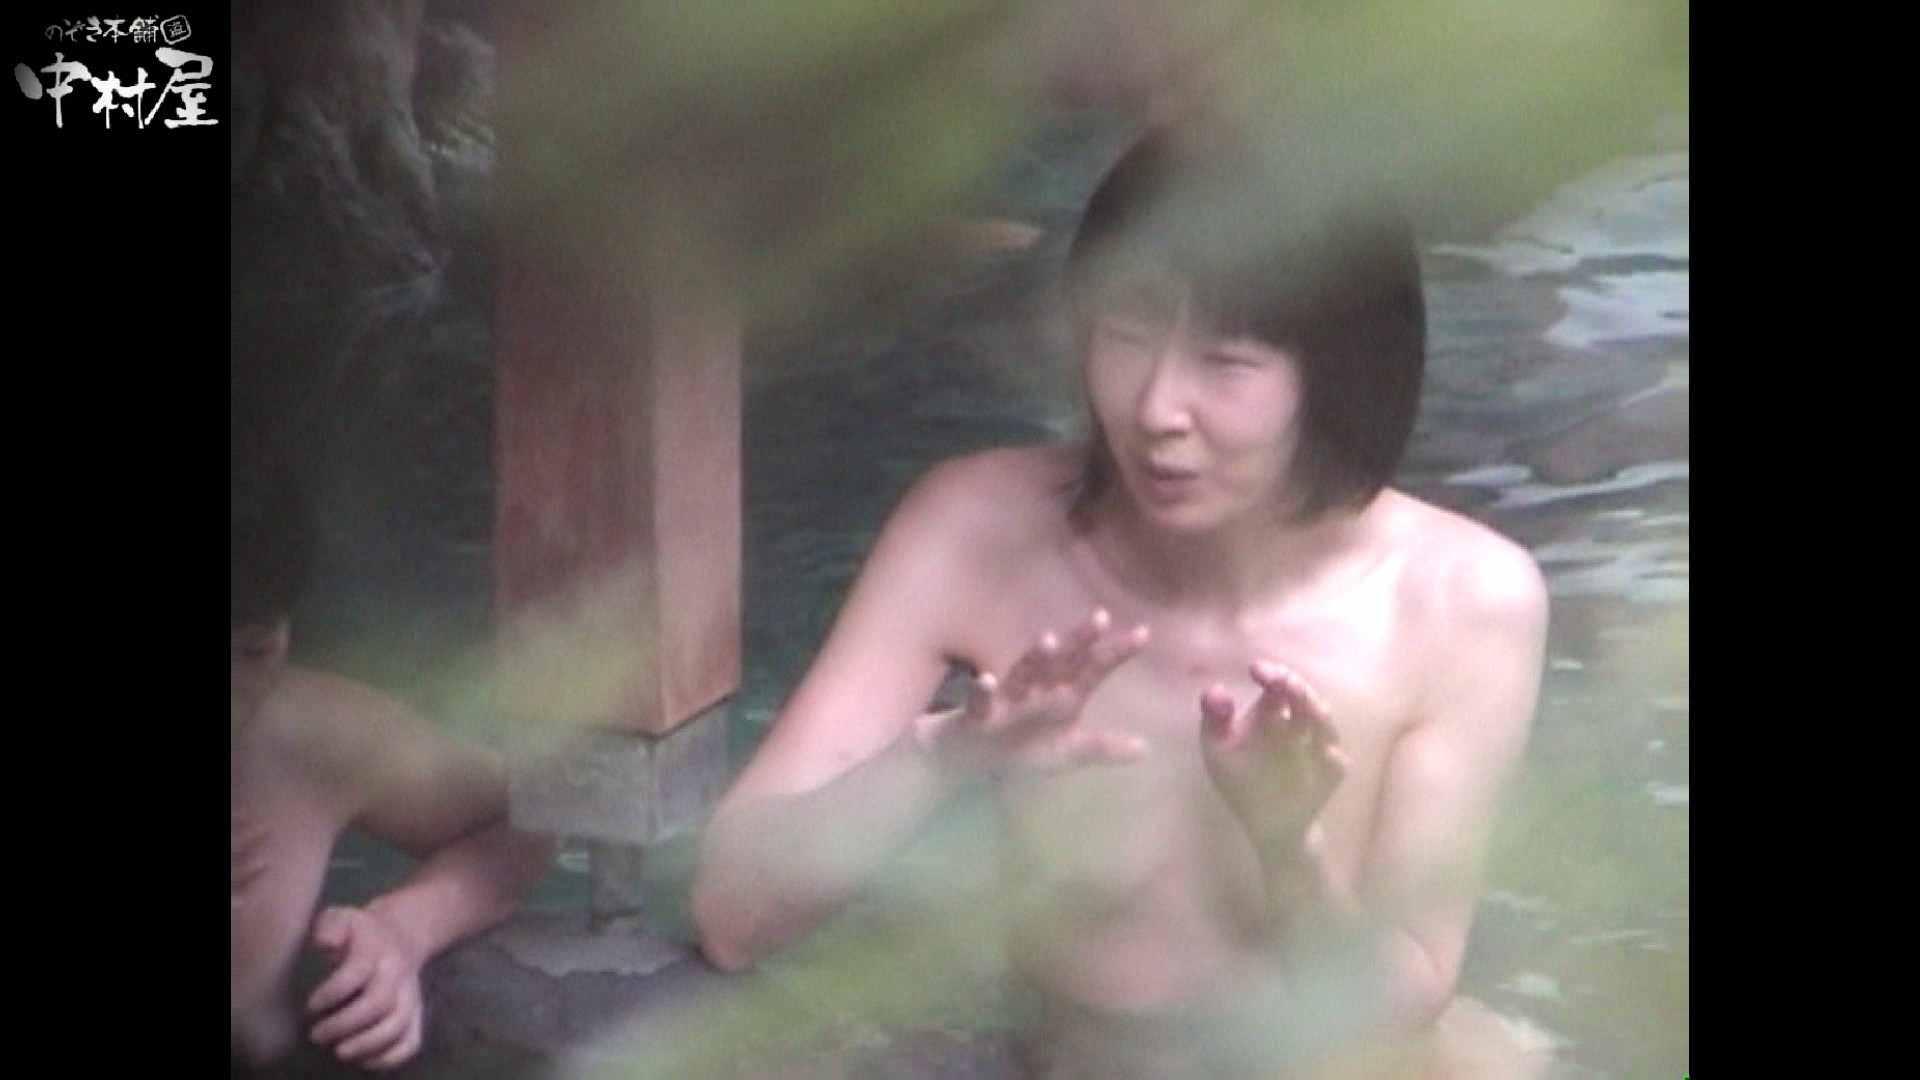 Aquaな露天風呂Vol.953 OLのエロ生活  107連発 9